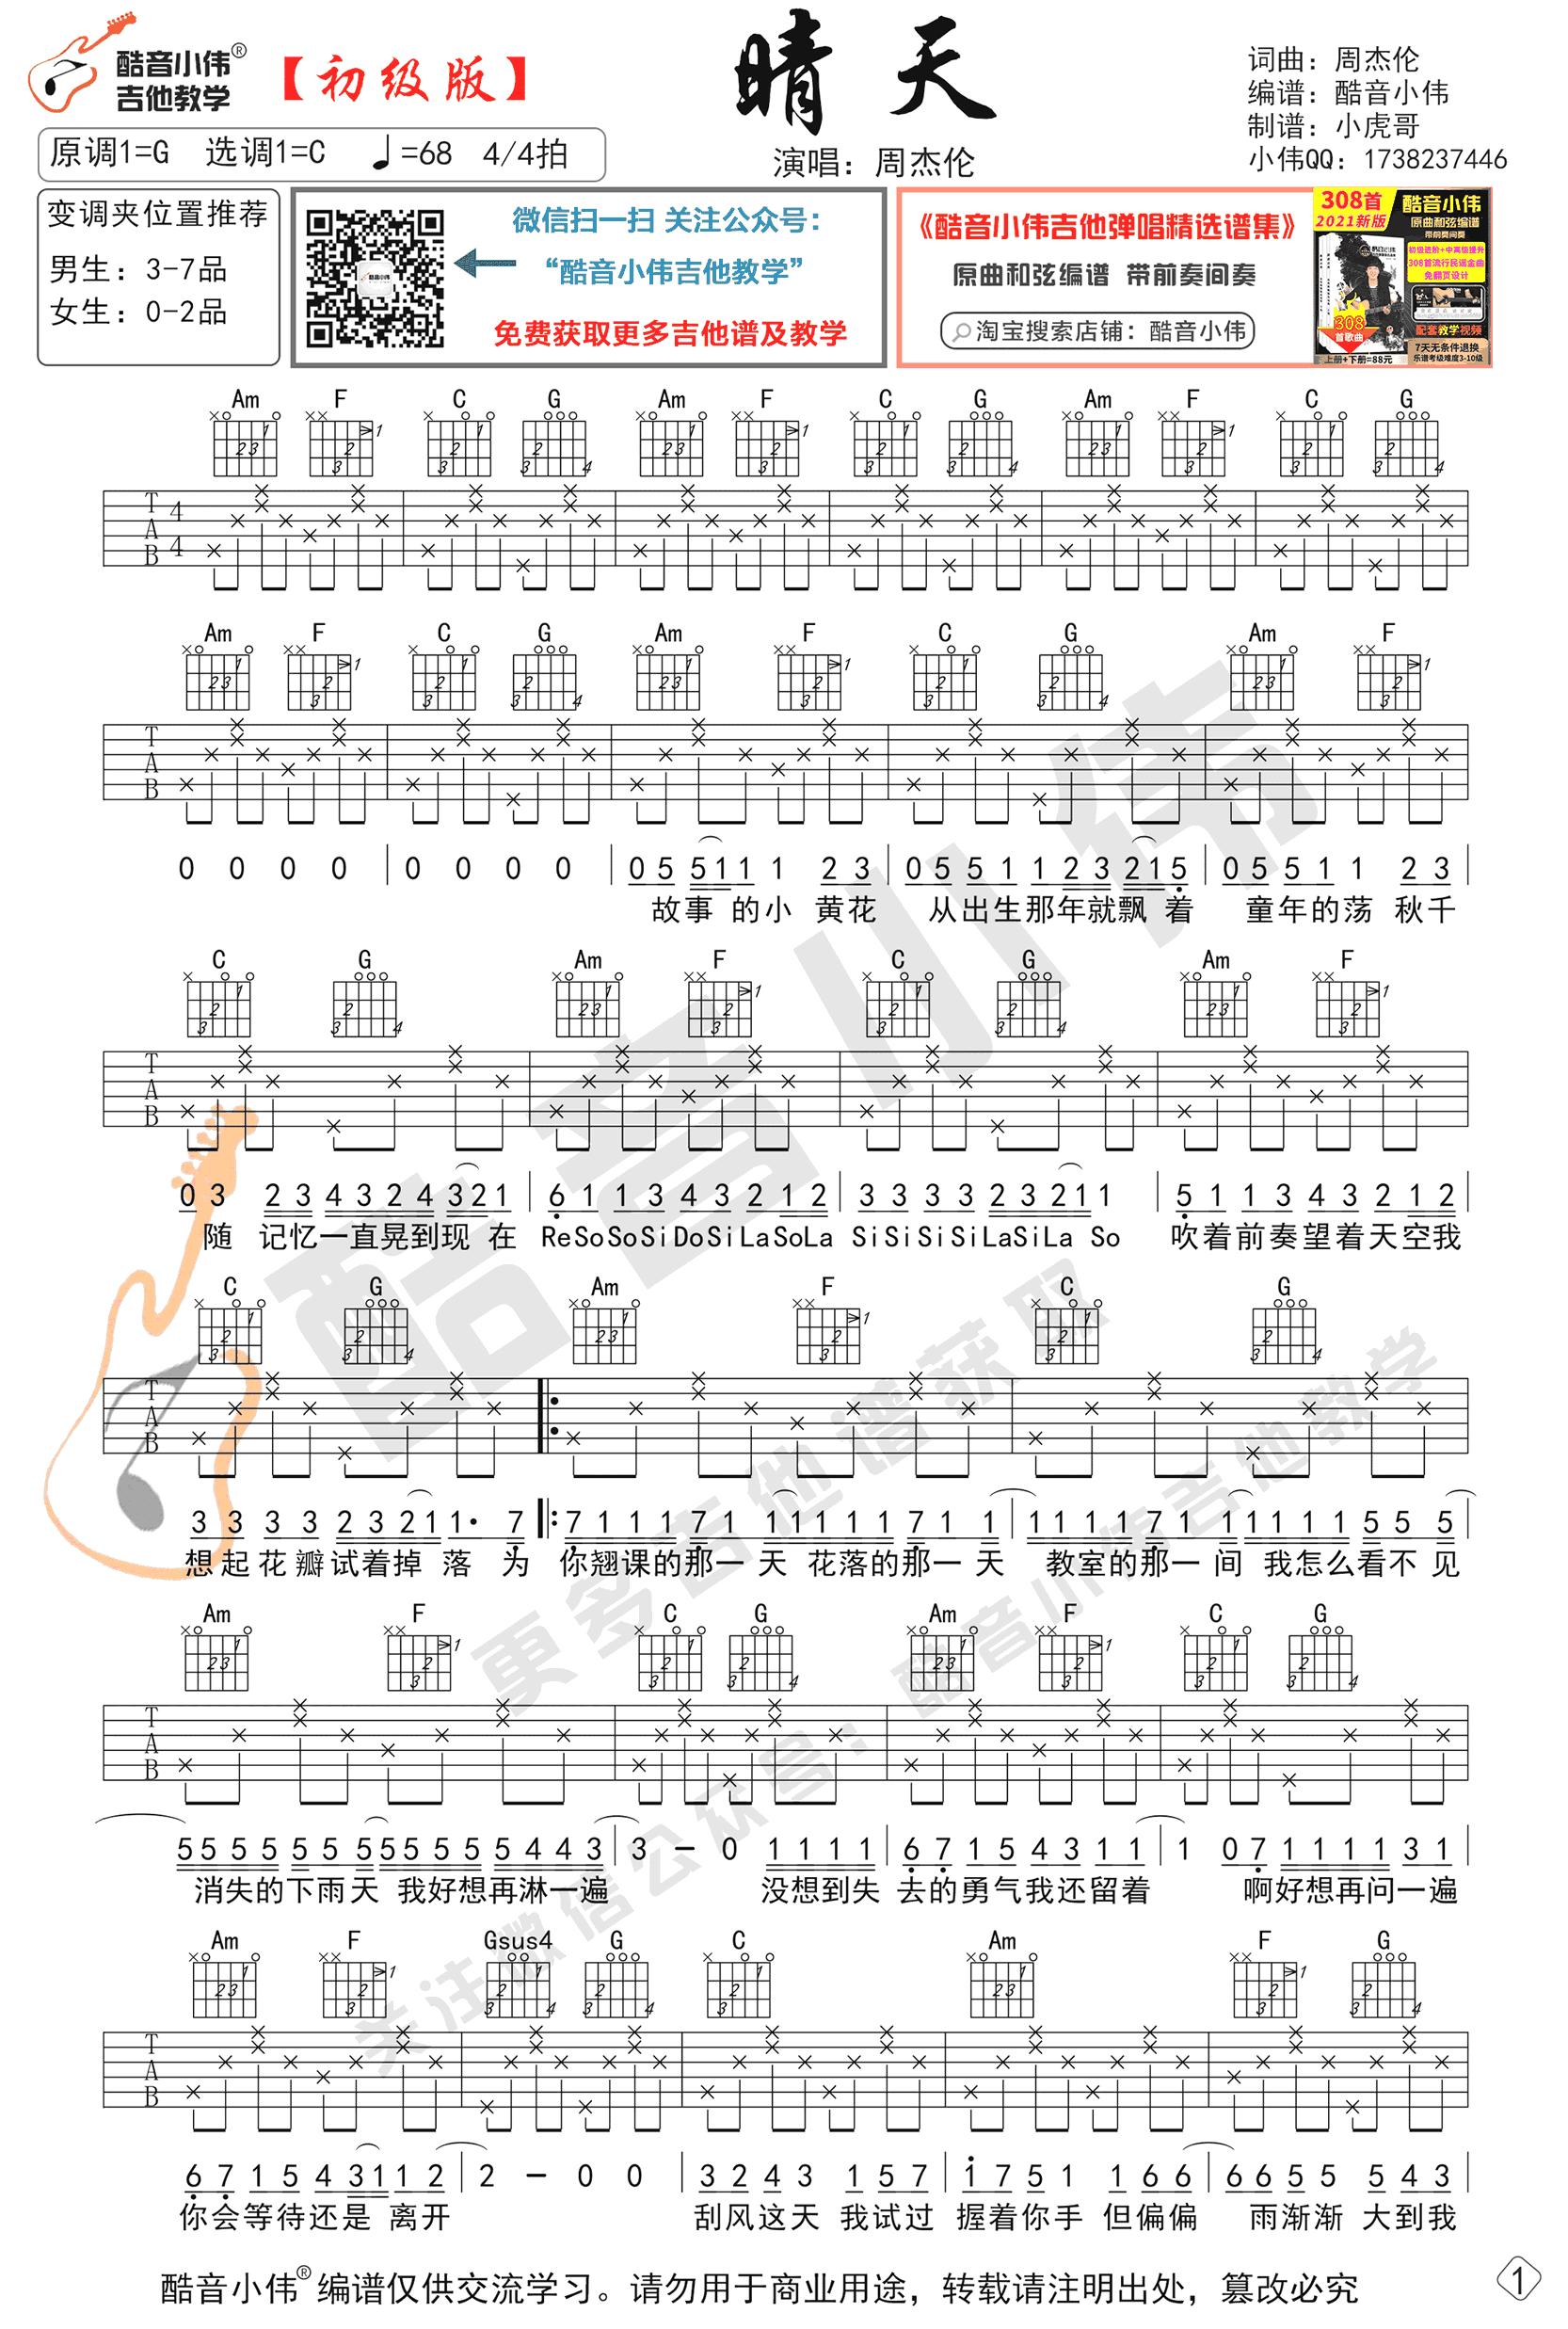 周杰伦晴天吉他谱 初级简单版-1